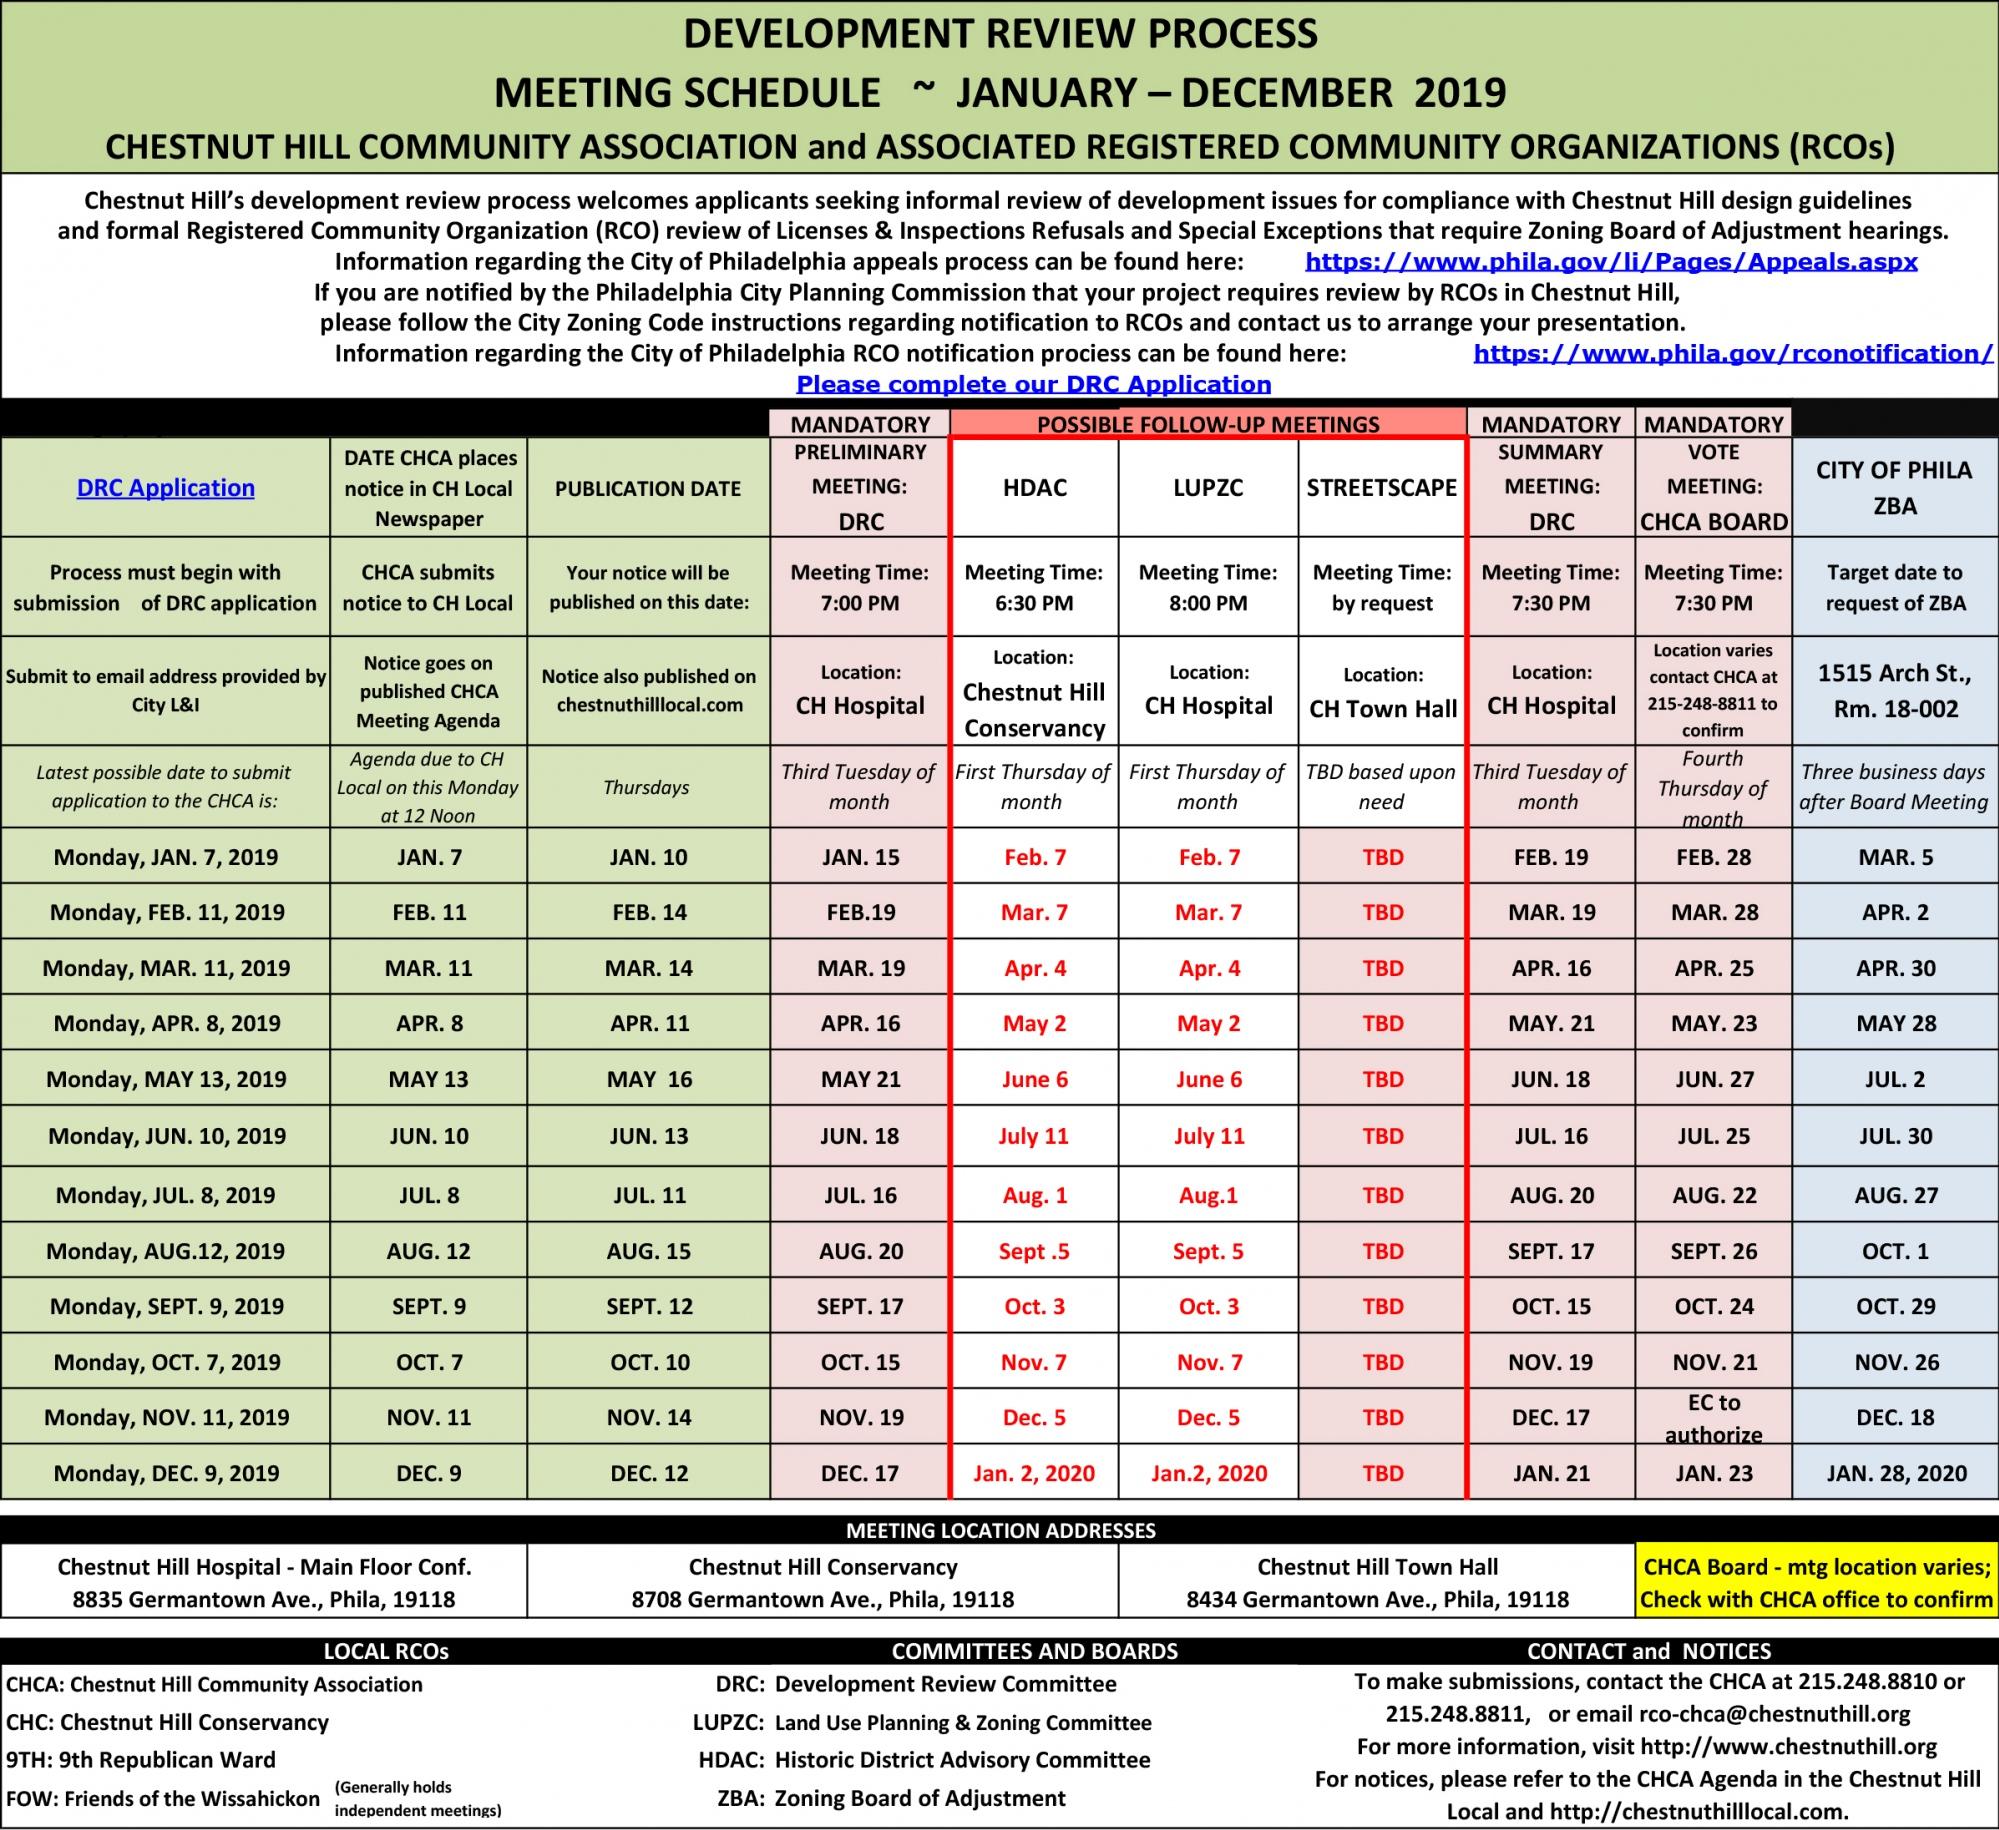 DRC Schedule 2019